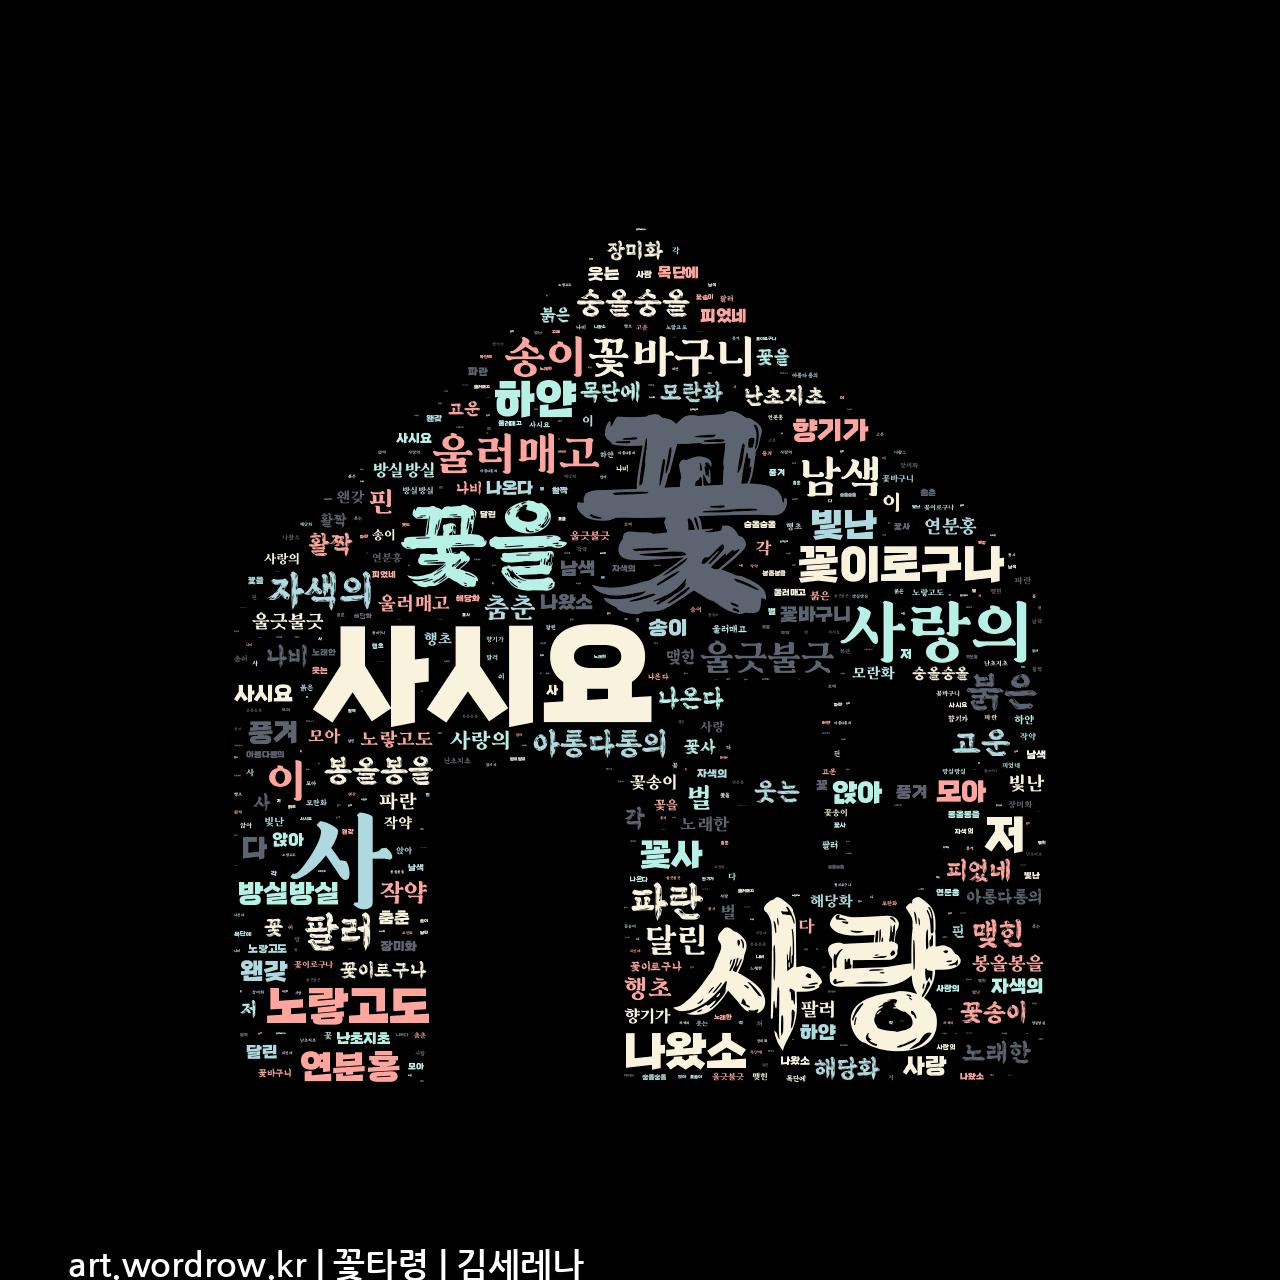 워드 아트: 꽃타령 [김세레나]-28